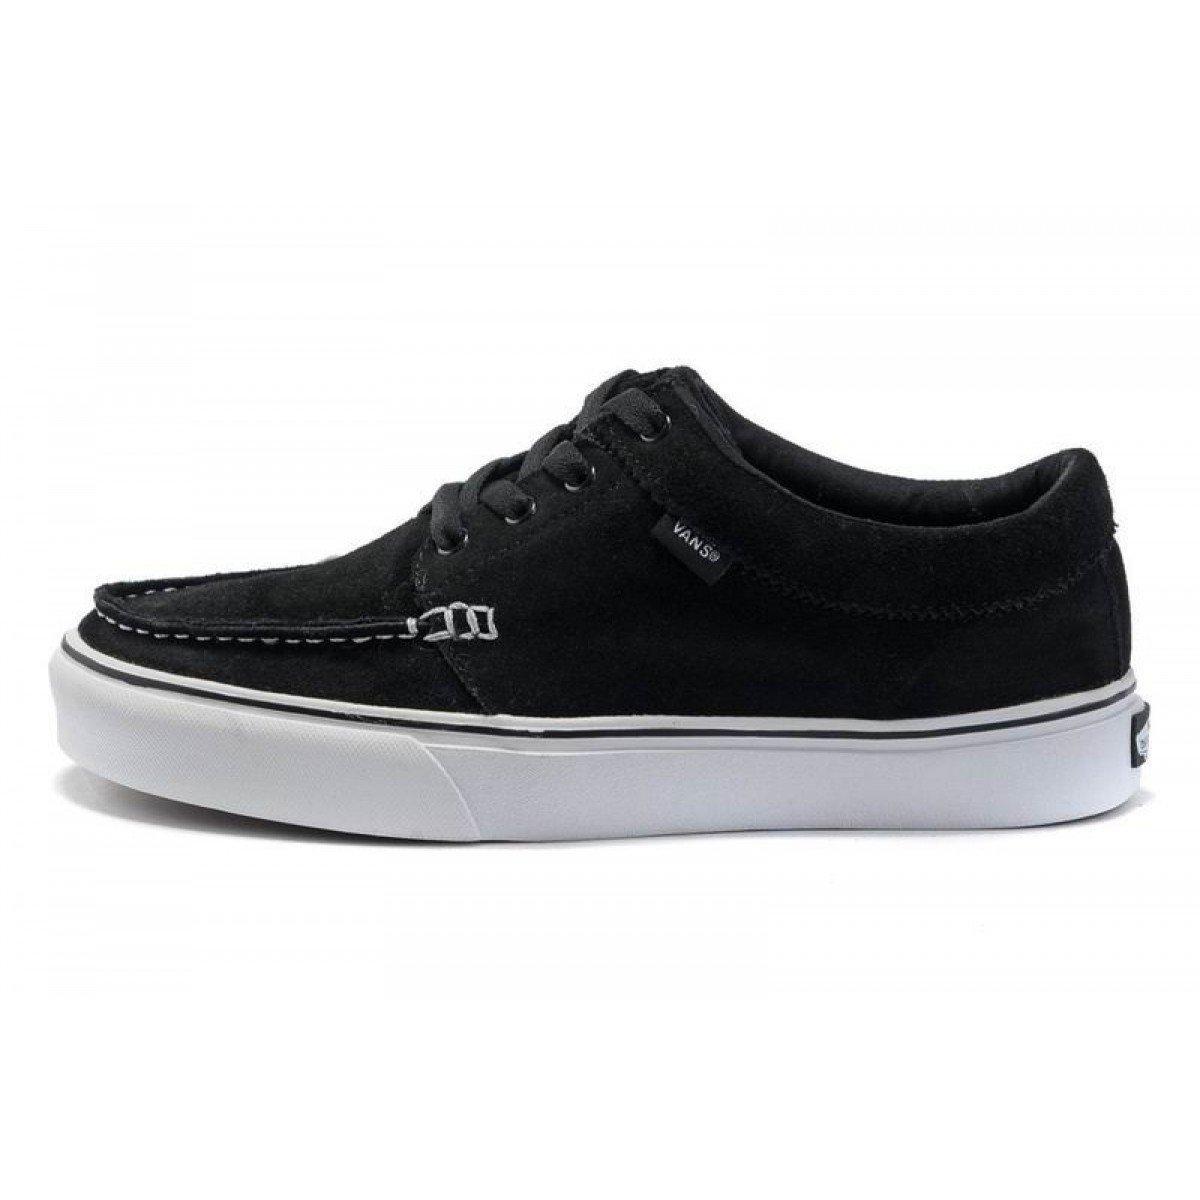 1d06889469 Vans 106 Moc (Suede) Black Mens Skateboarding Shoes